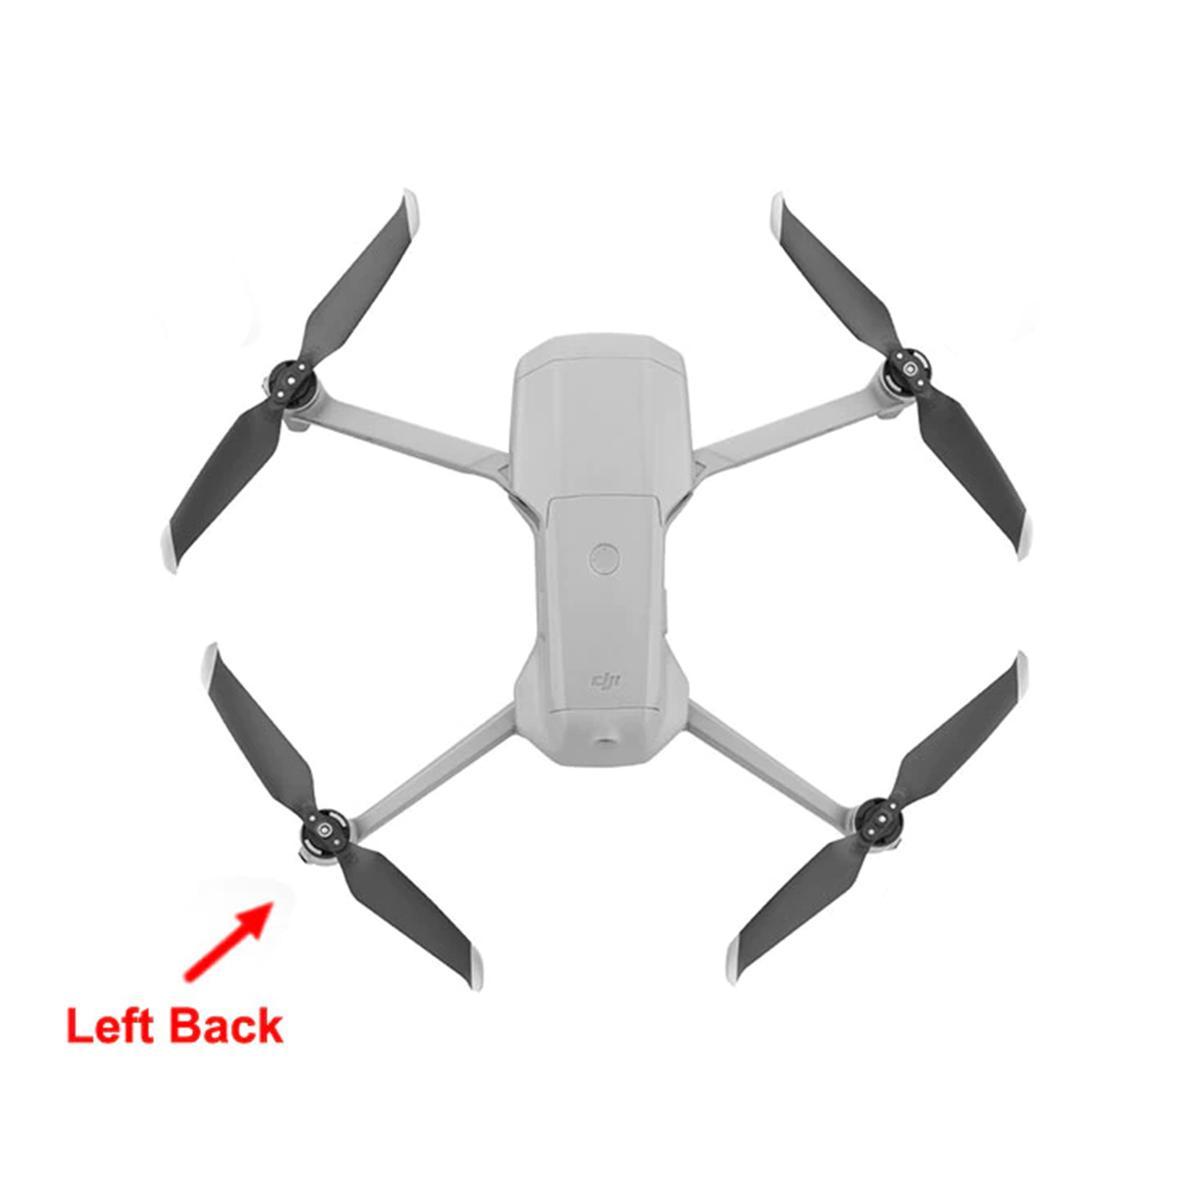 Braço com Motor - Traseiro Esquerdo - Drone DJI Mavic Air 2